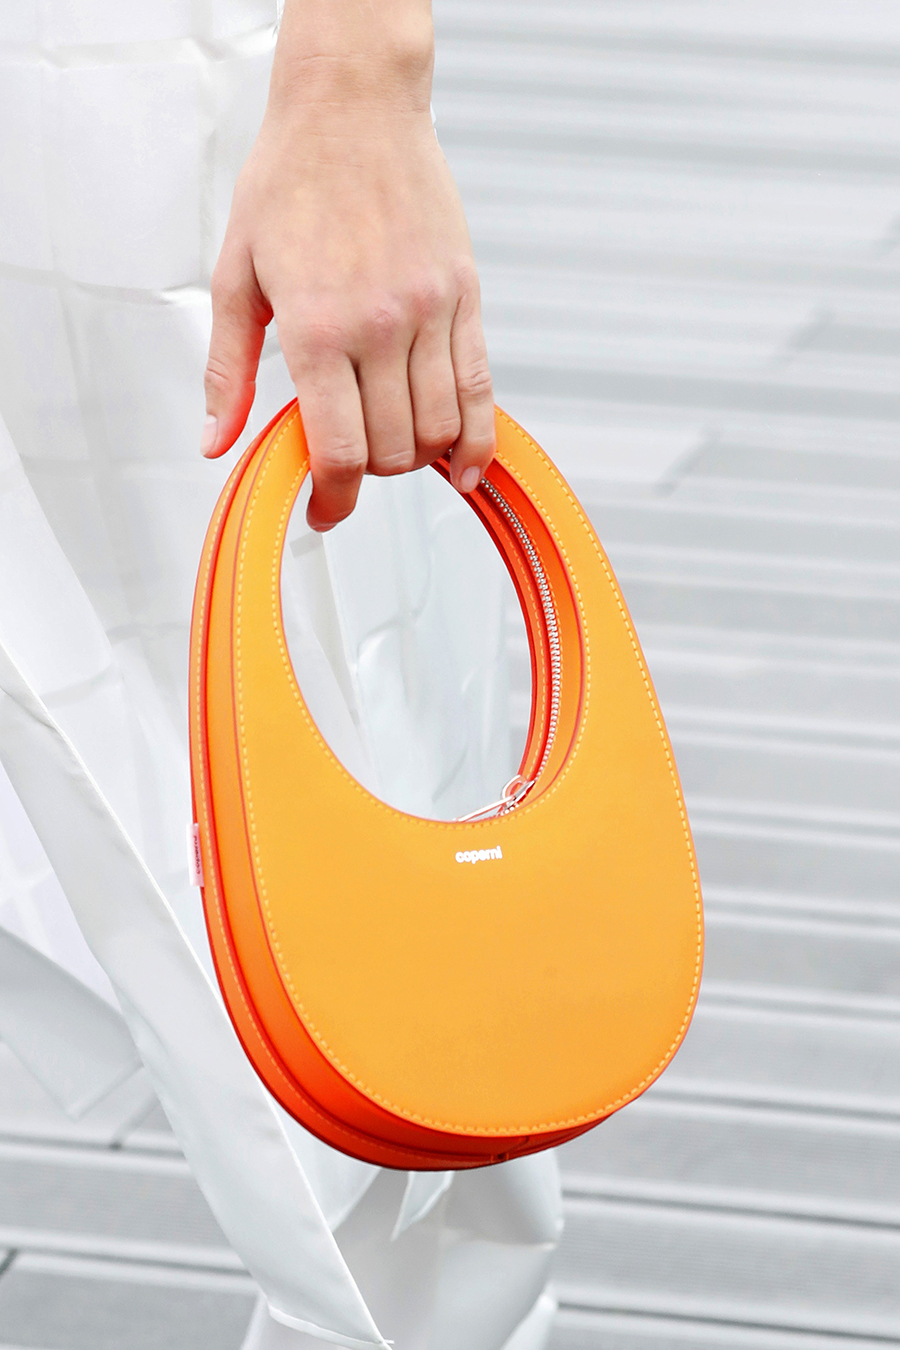 модная женская сумка лето 2021 клатч тоут шоппер пауч кожаная круглая оранжевая